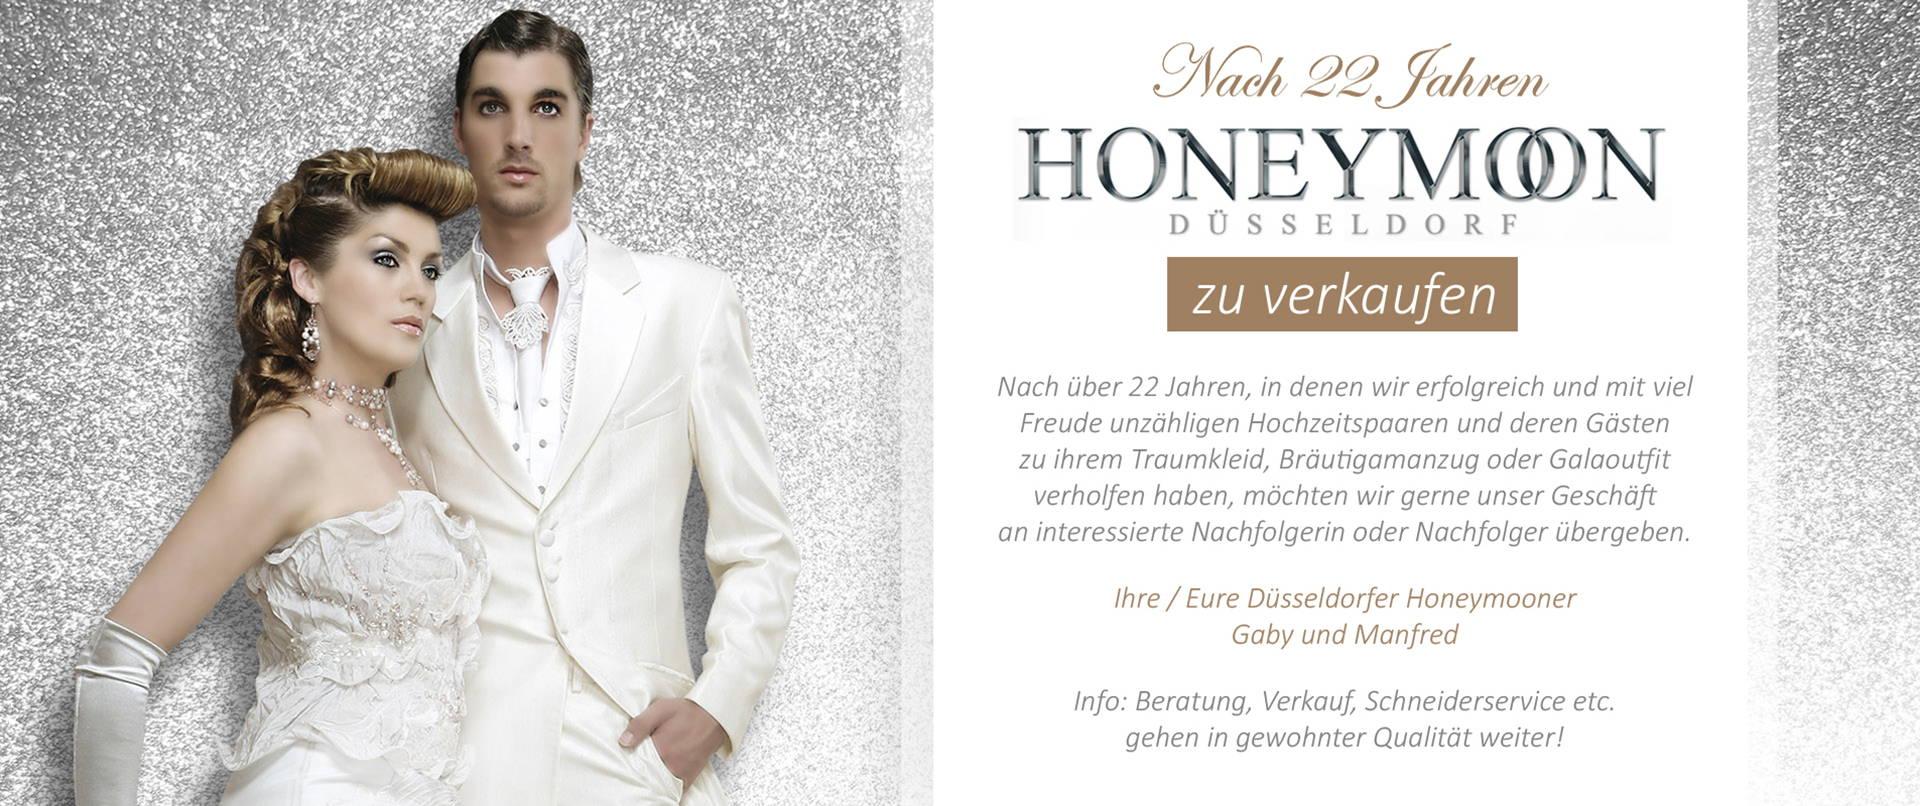 honeymoon-duesseldorf-zu-verkaufen